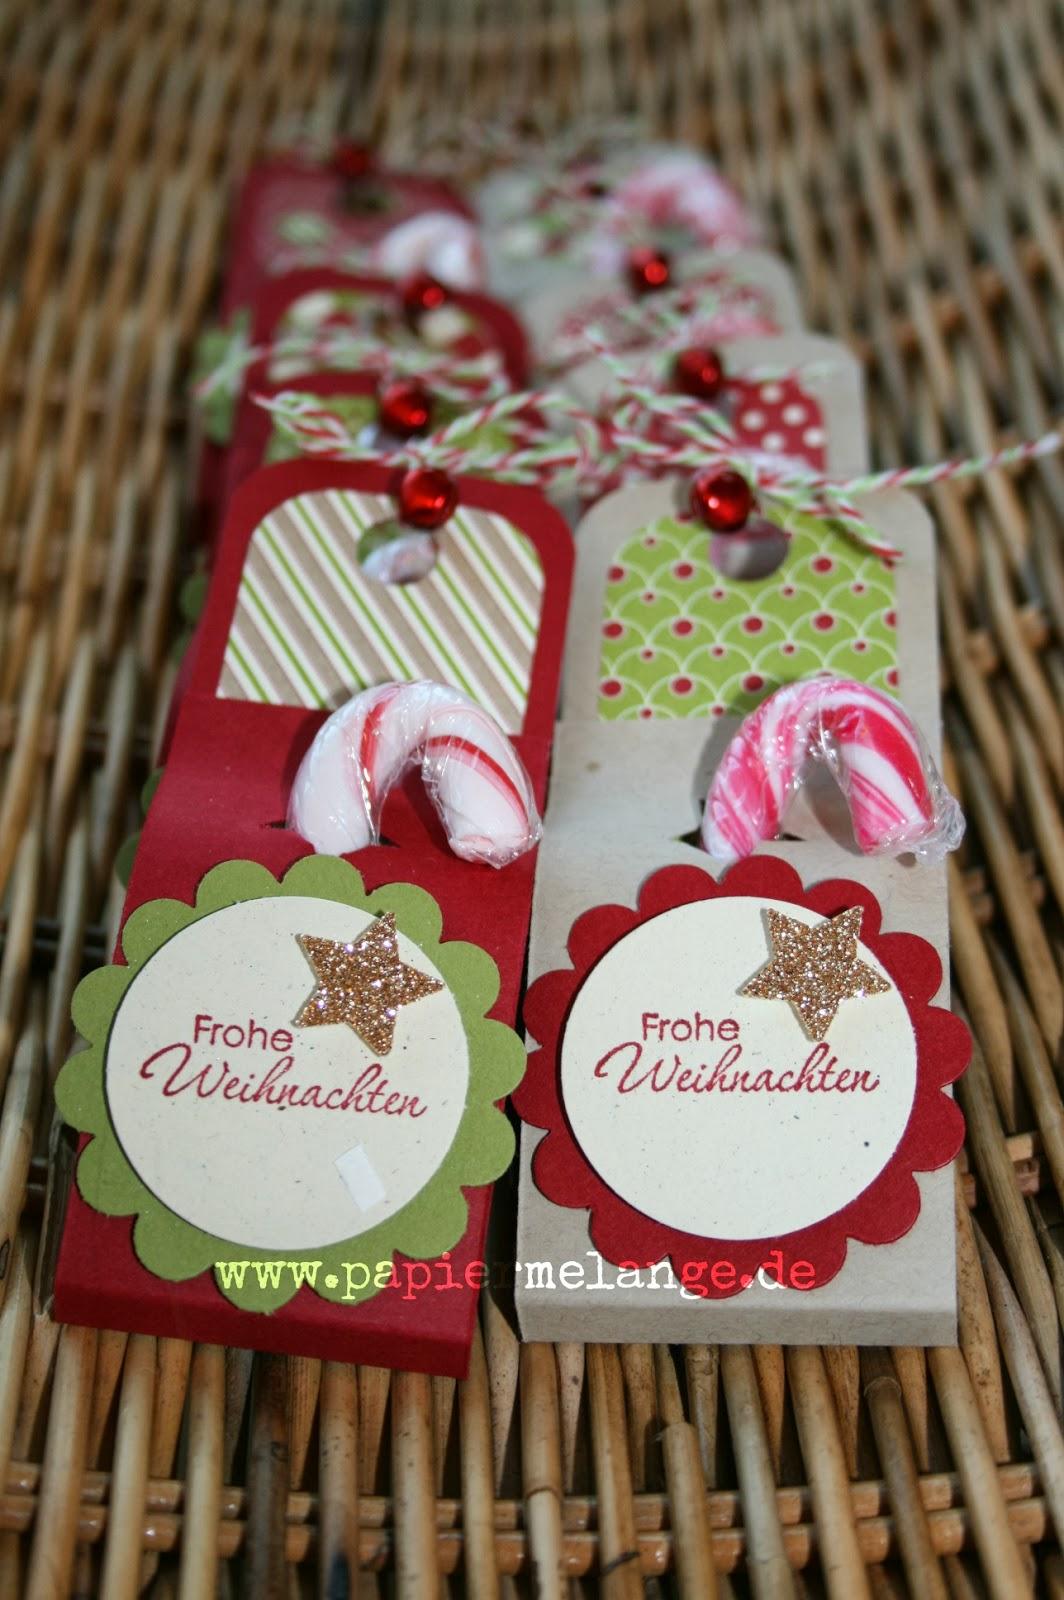 kleine weihnachtsgeschenke arlett s ideenreich kleine weihnachtsgeschenke kleine. Black Bedroom Furniture Sets. Home Design Ideas